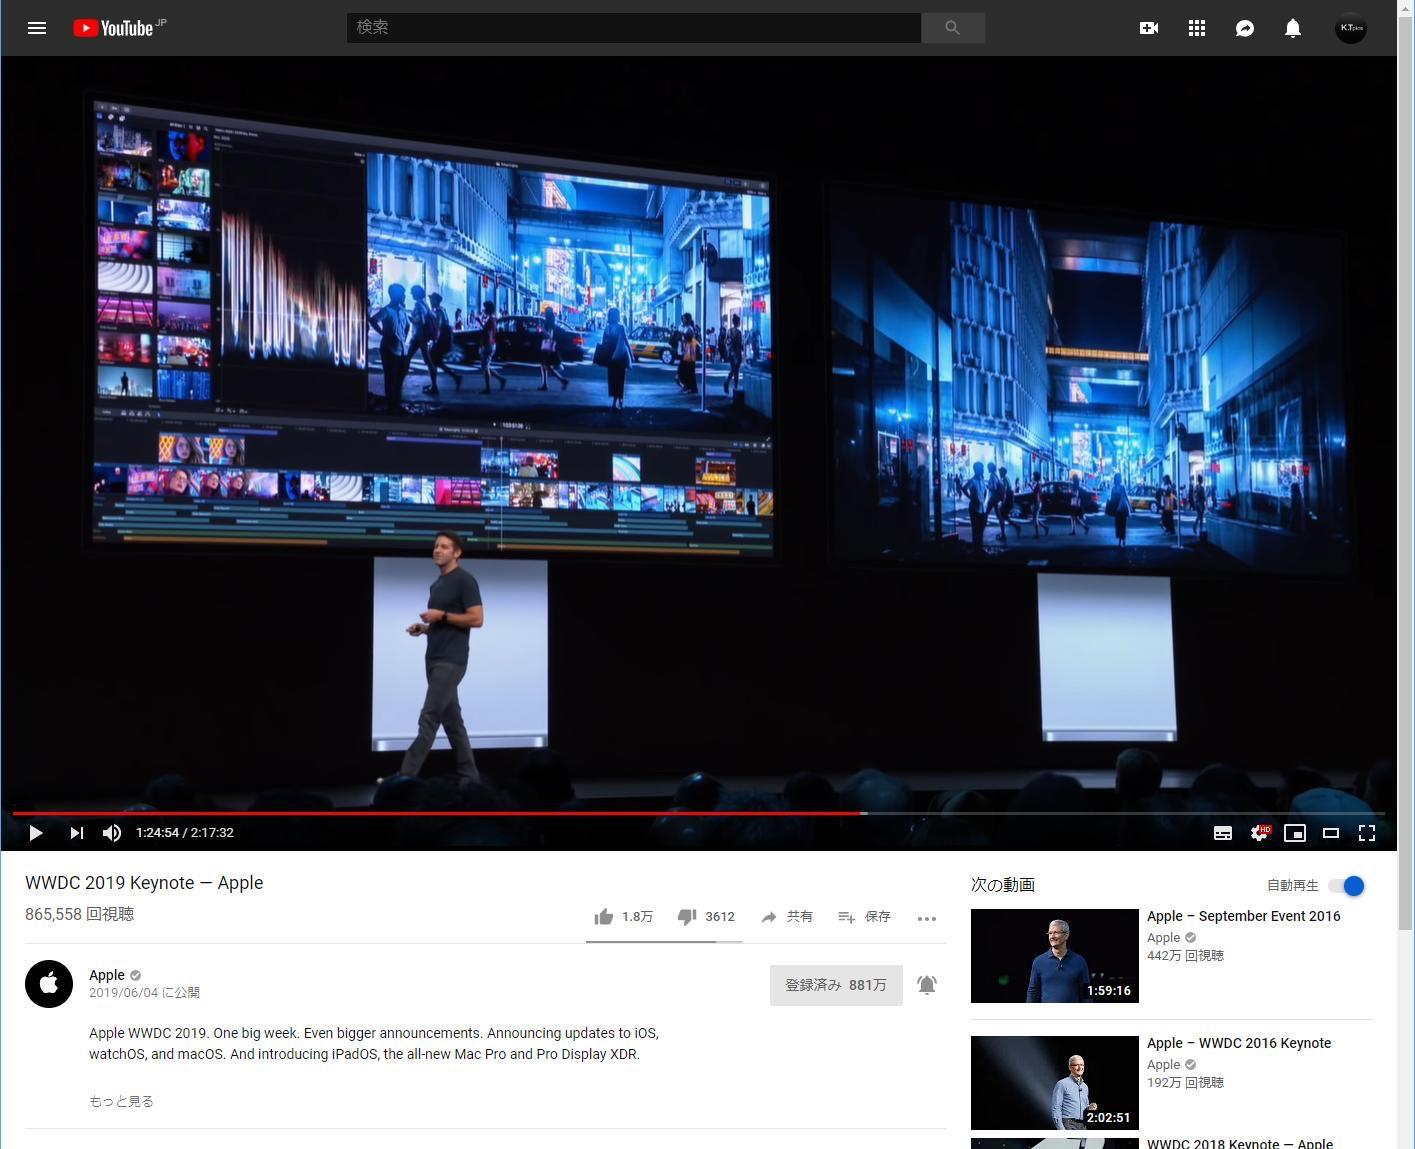 Mac Pro新モデルは5999ドルから。2019年秋登場予定。iPhone 11 Proチラッとレビュー。Apple新製品 最新ニュース速報 2019年9月